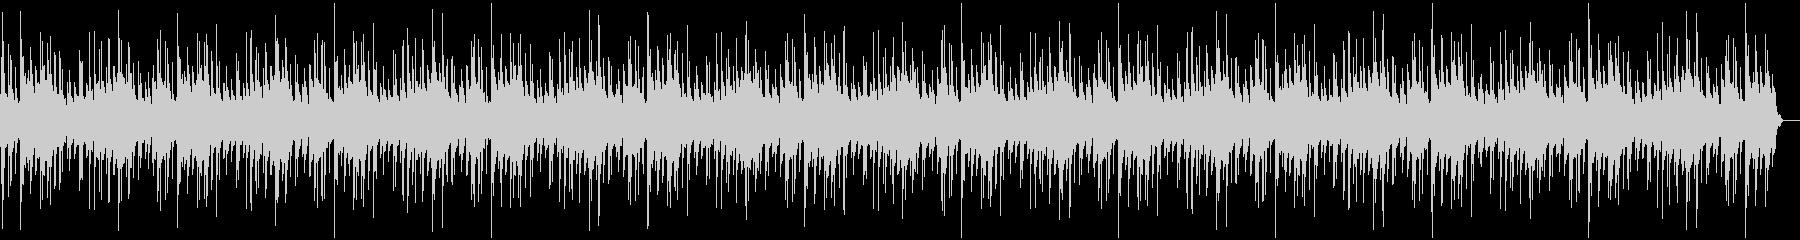 感動的でやさしさあるピアノバラードの未再生の波形